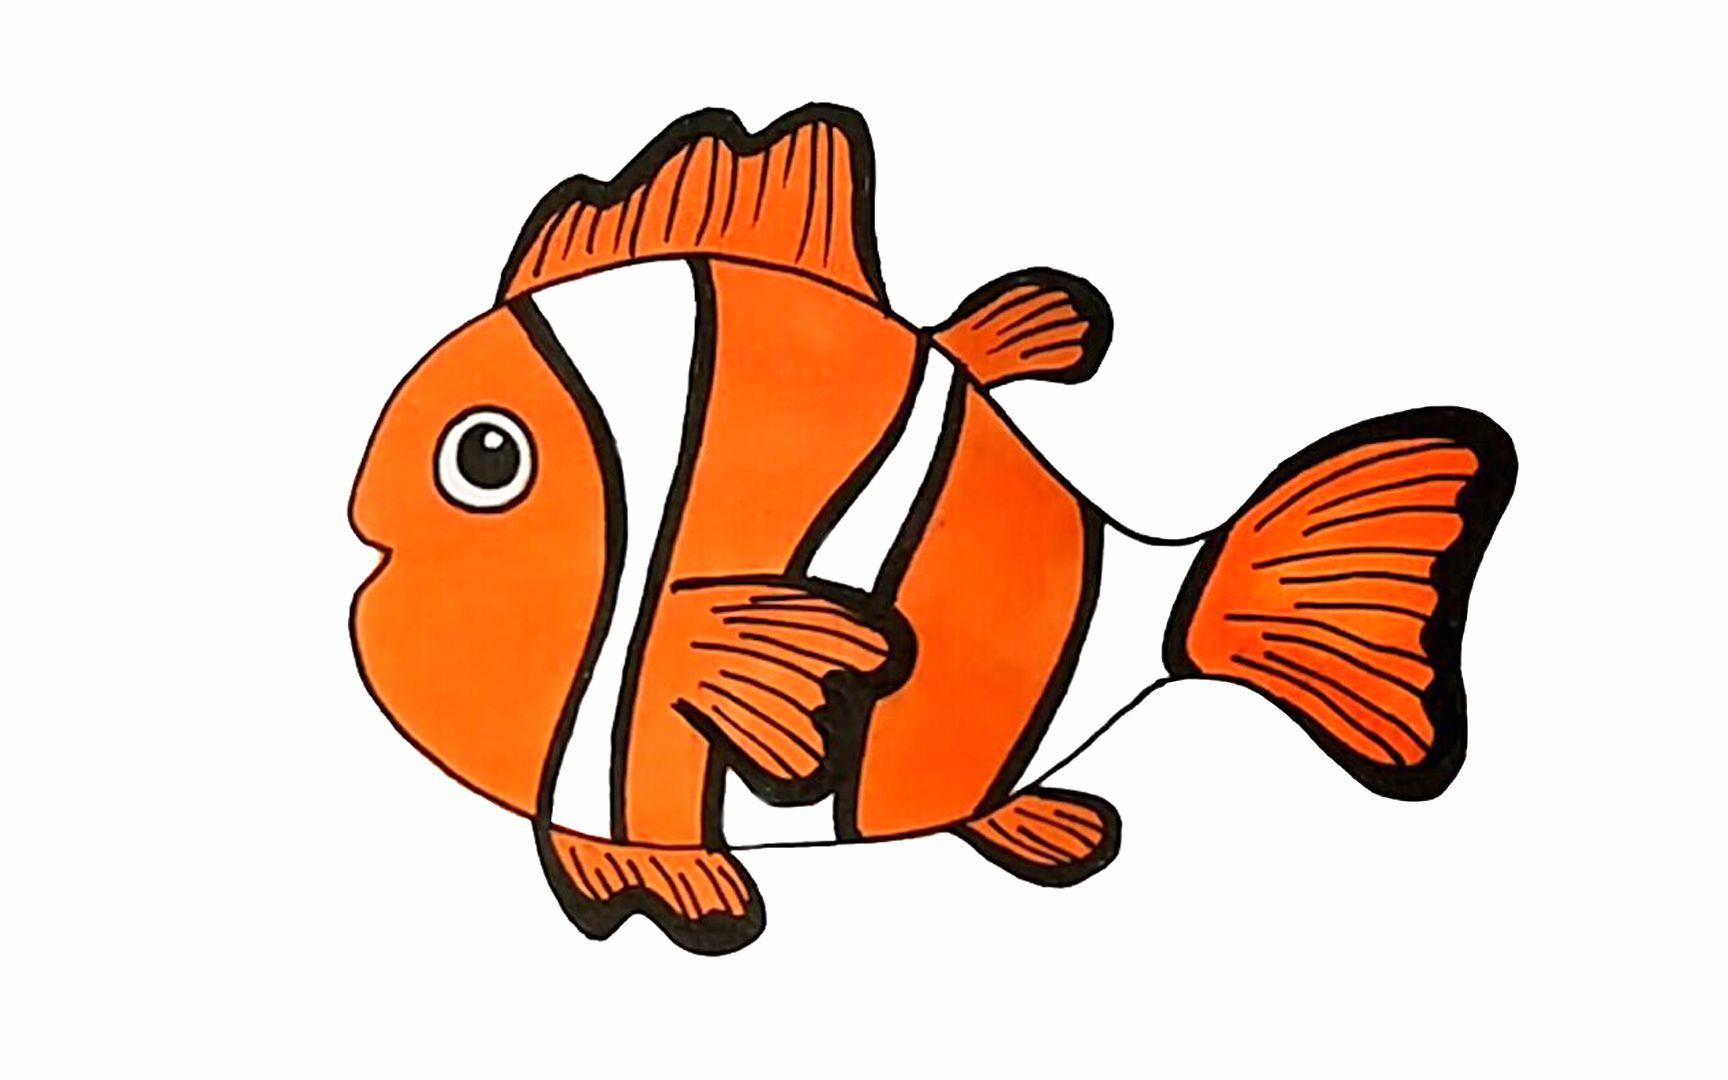 原来鱼的臀鳍在这里